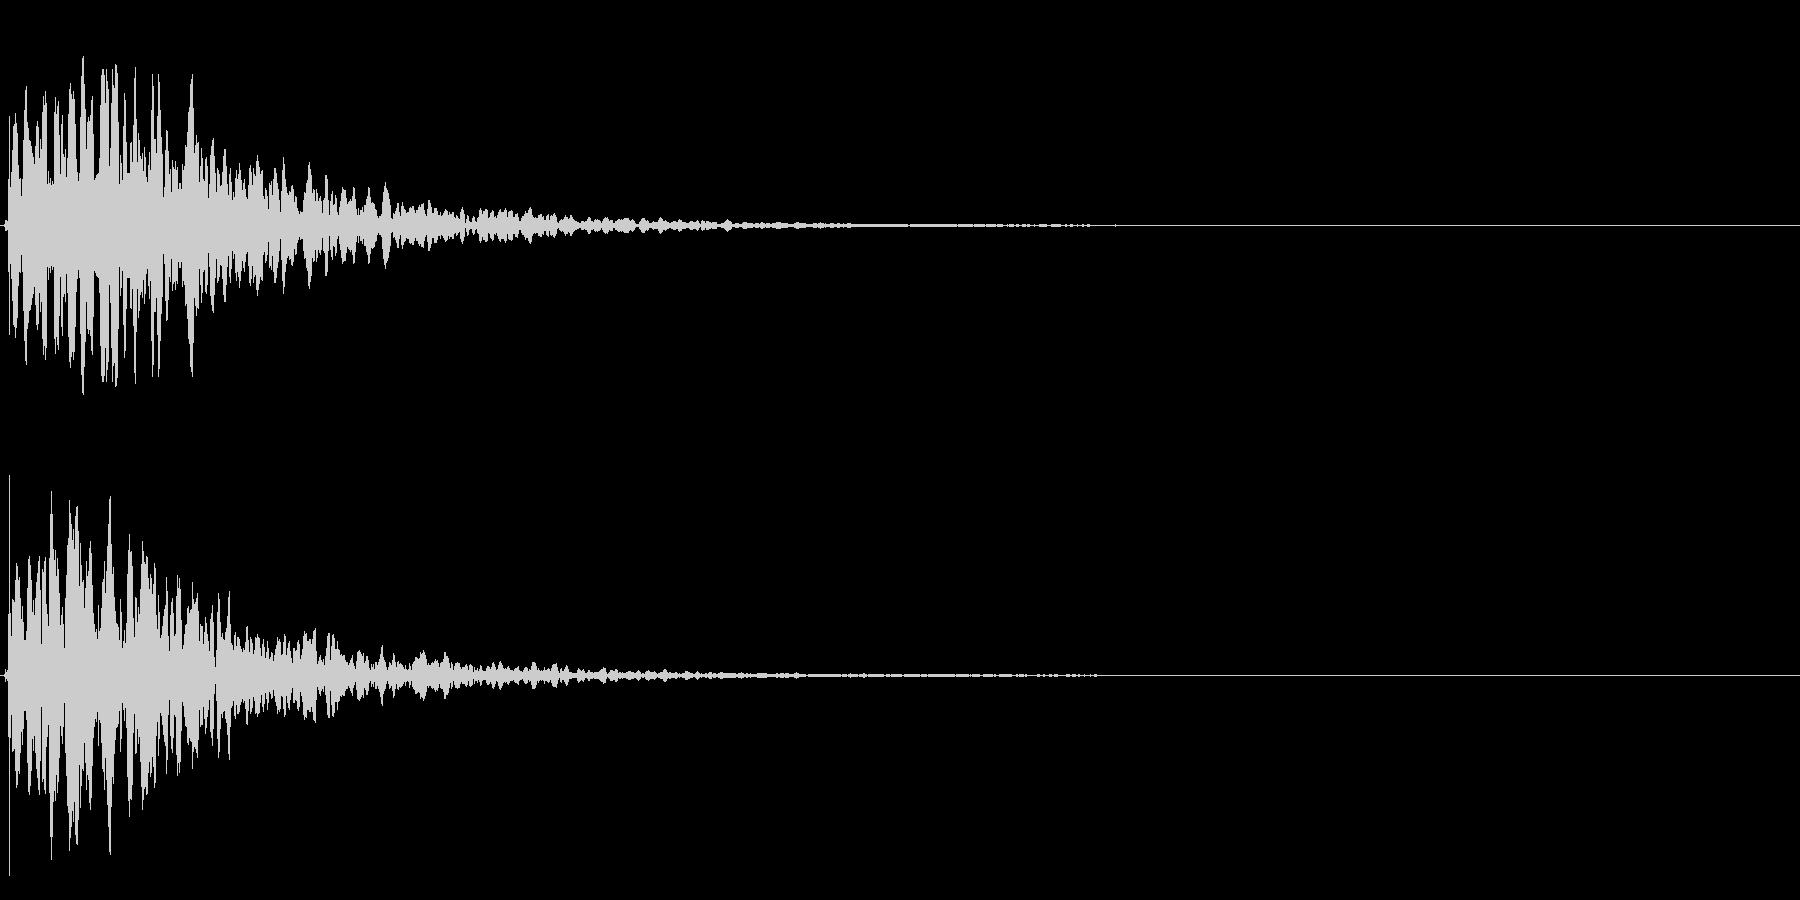 ゲームスタート、決定、ボタン音-097の未再生の波形